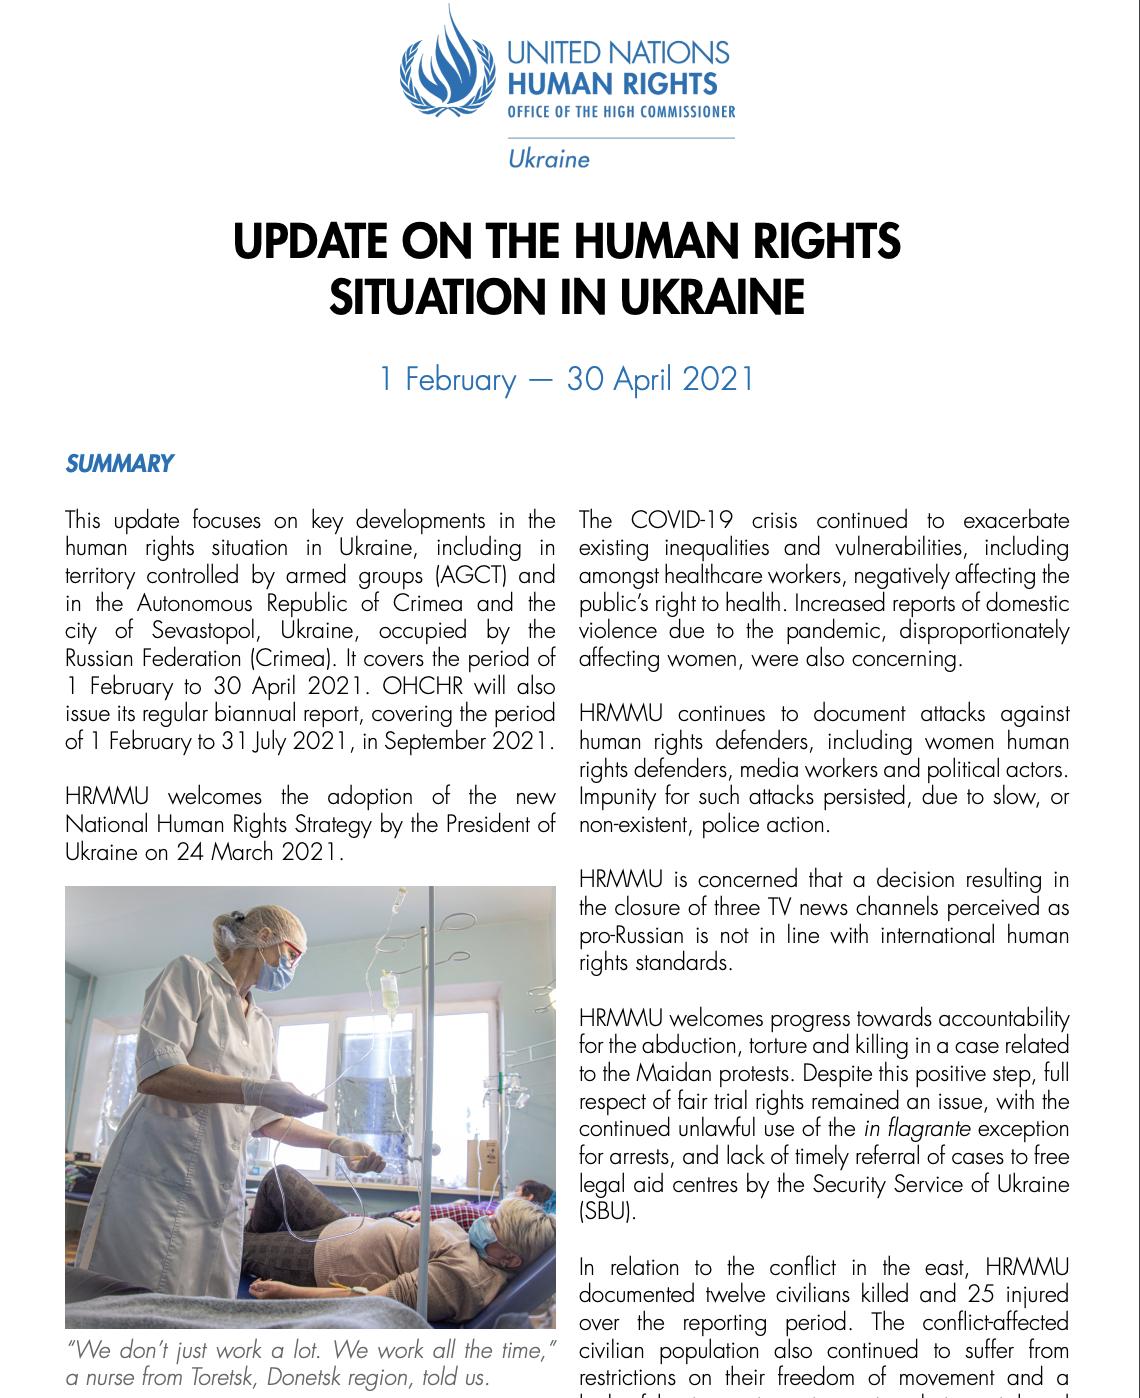 Огляд ситуації у сфері прав людини в Україні за період 1 лютого — 30 квітня 2021 року